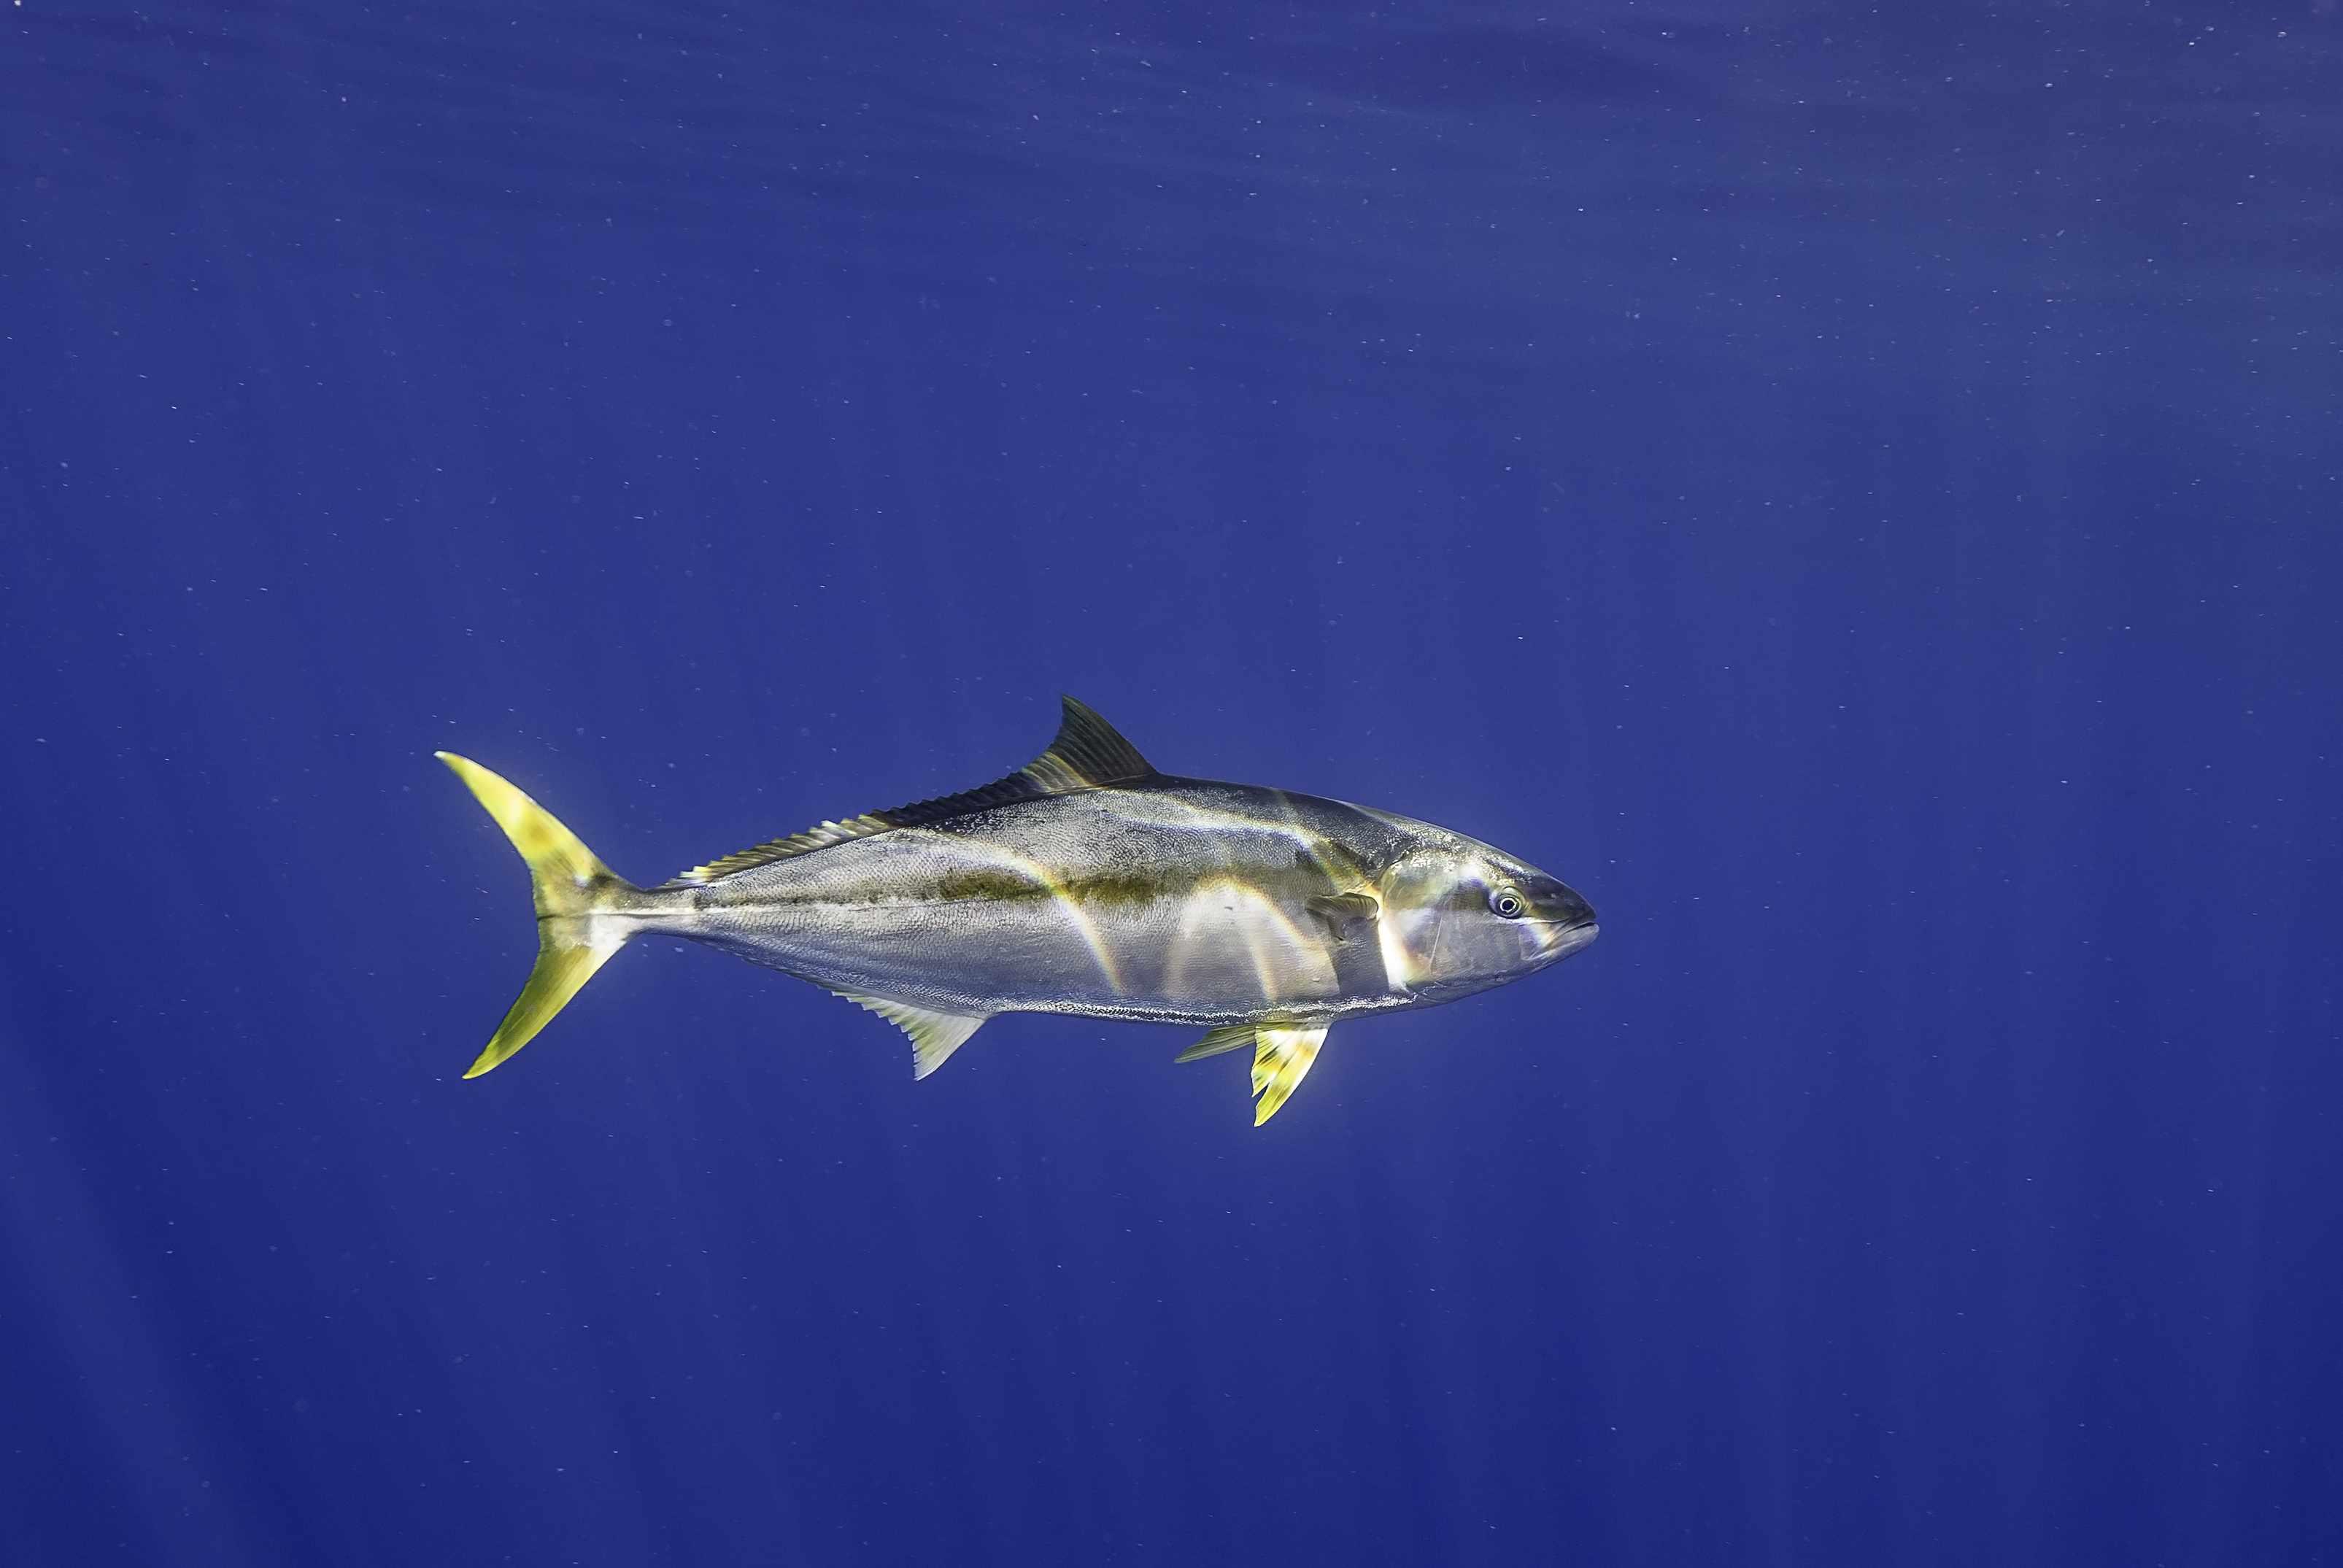 Underwater shot of yellowfin tuna